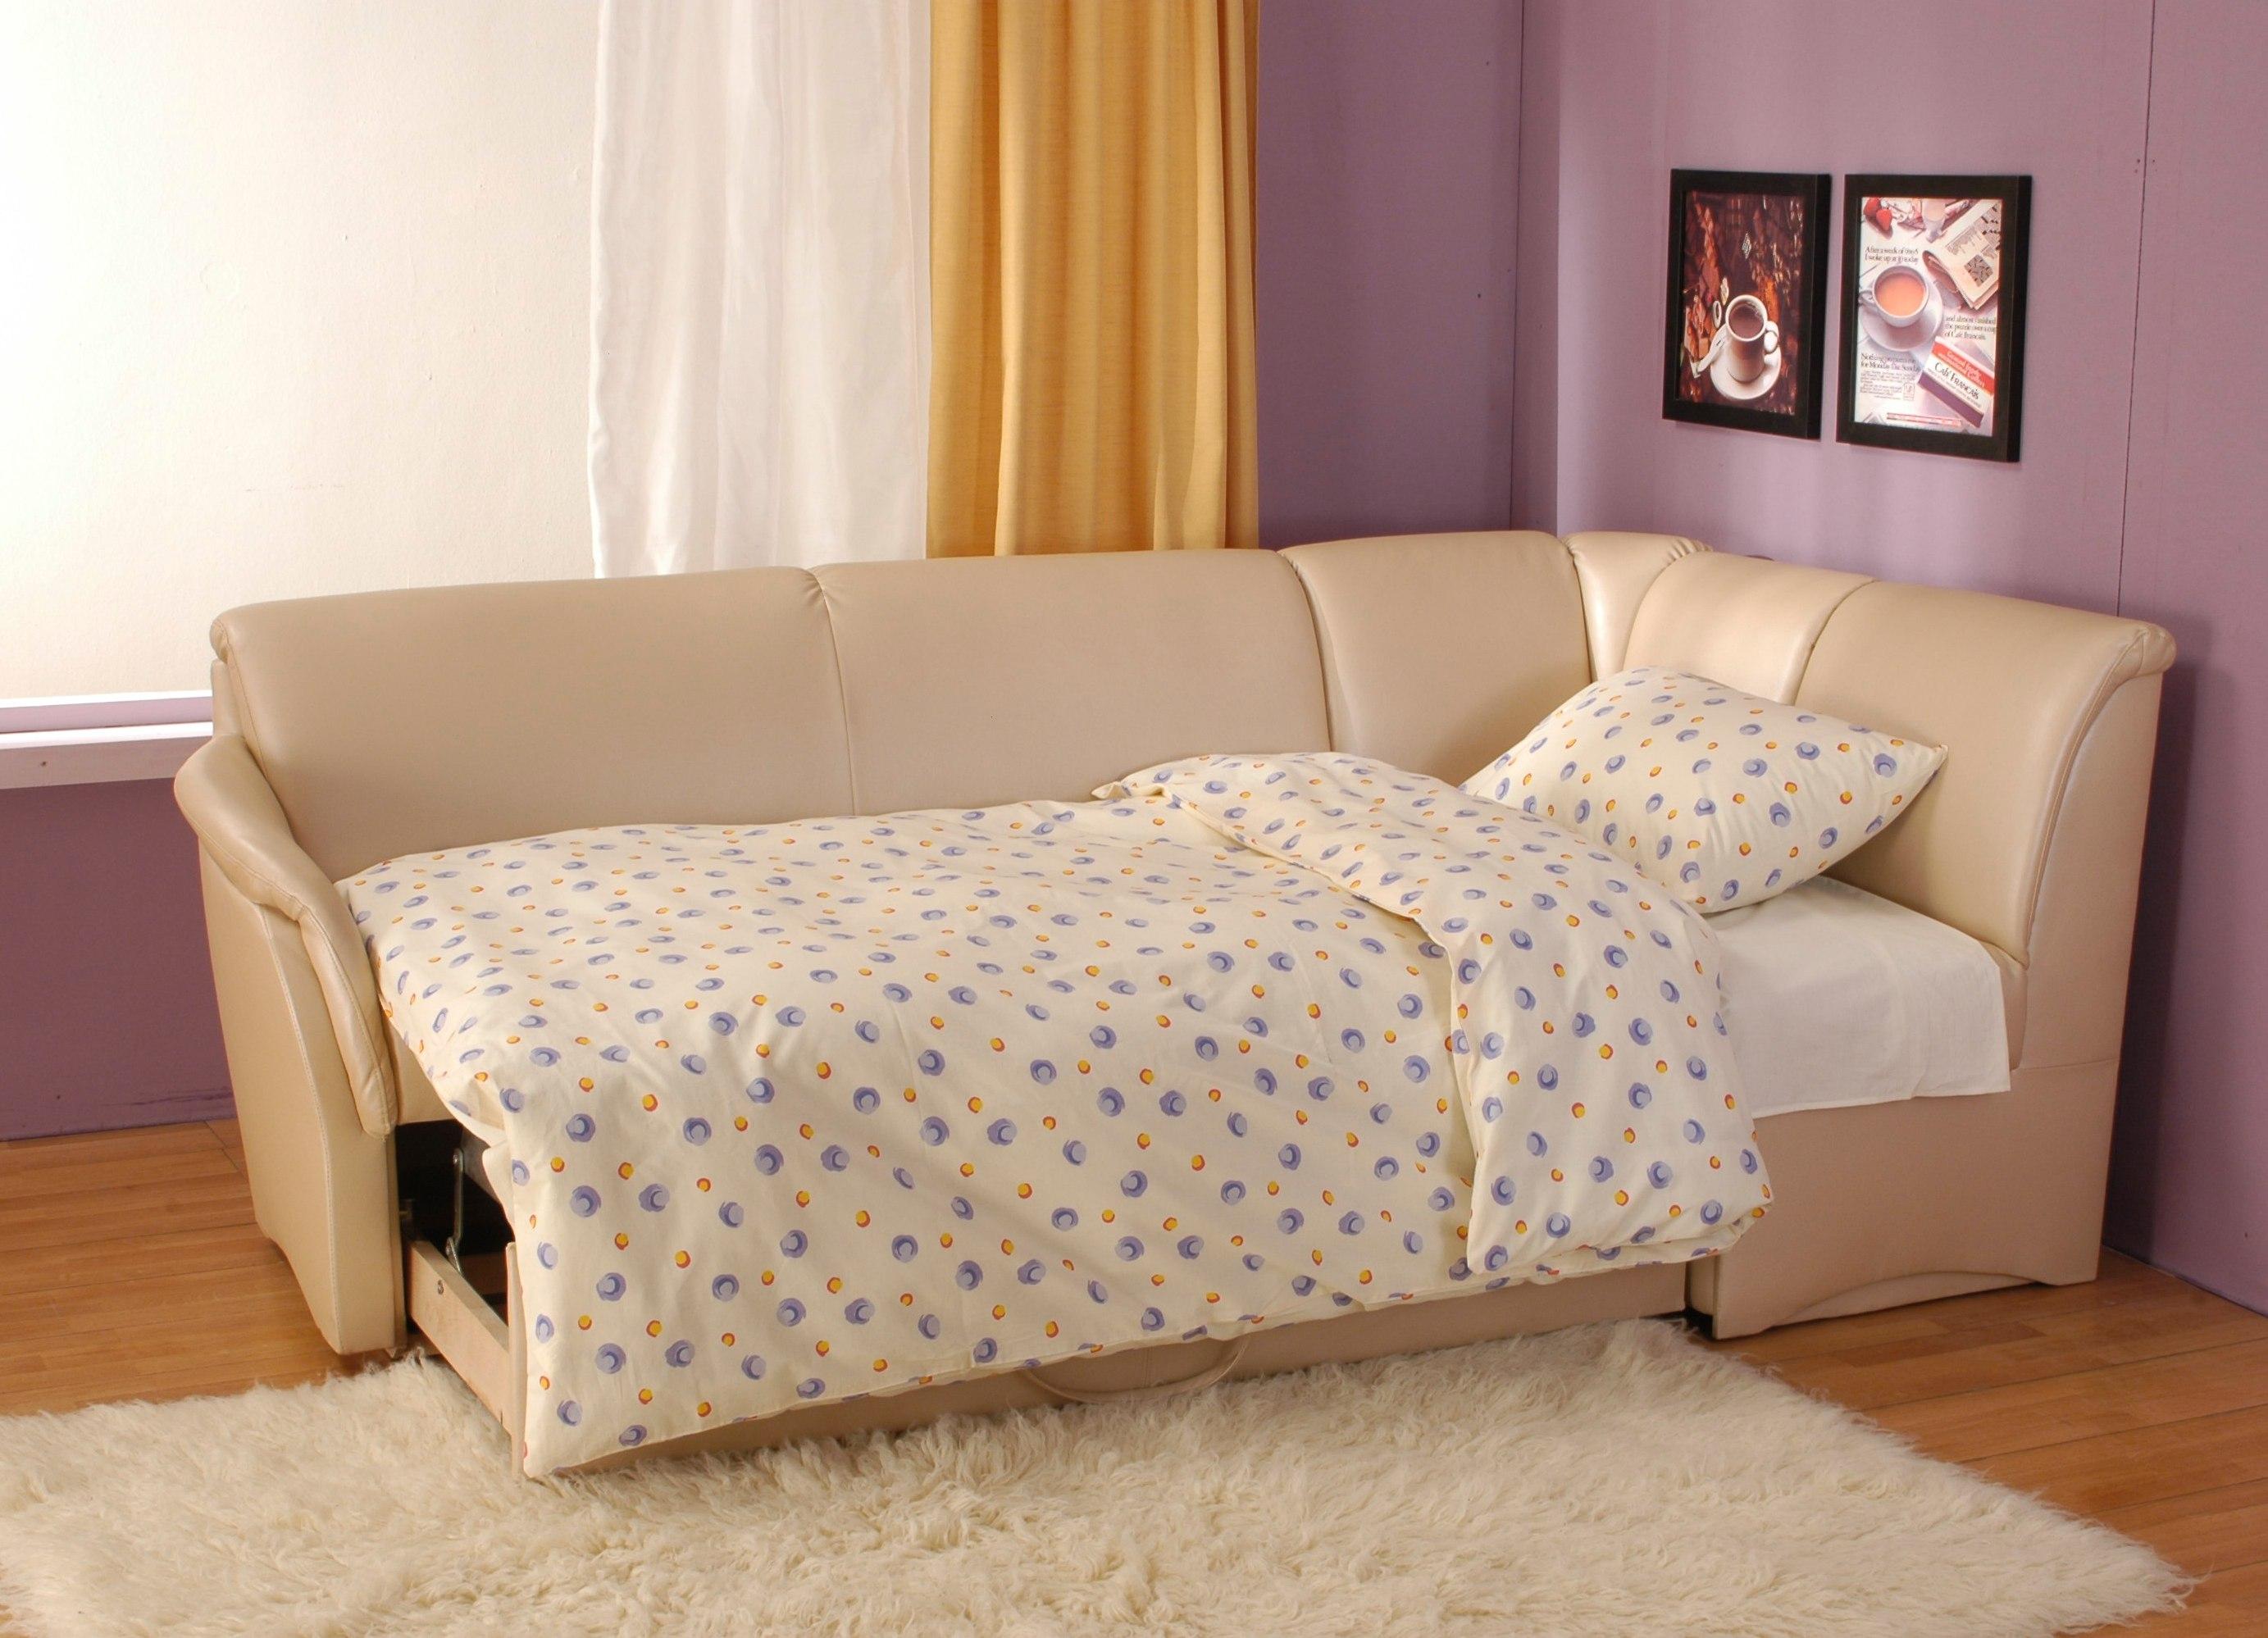 Как выбрать диван для ежедневного сна | Форма дивана | Угловой диван